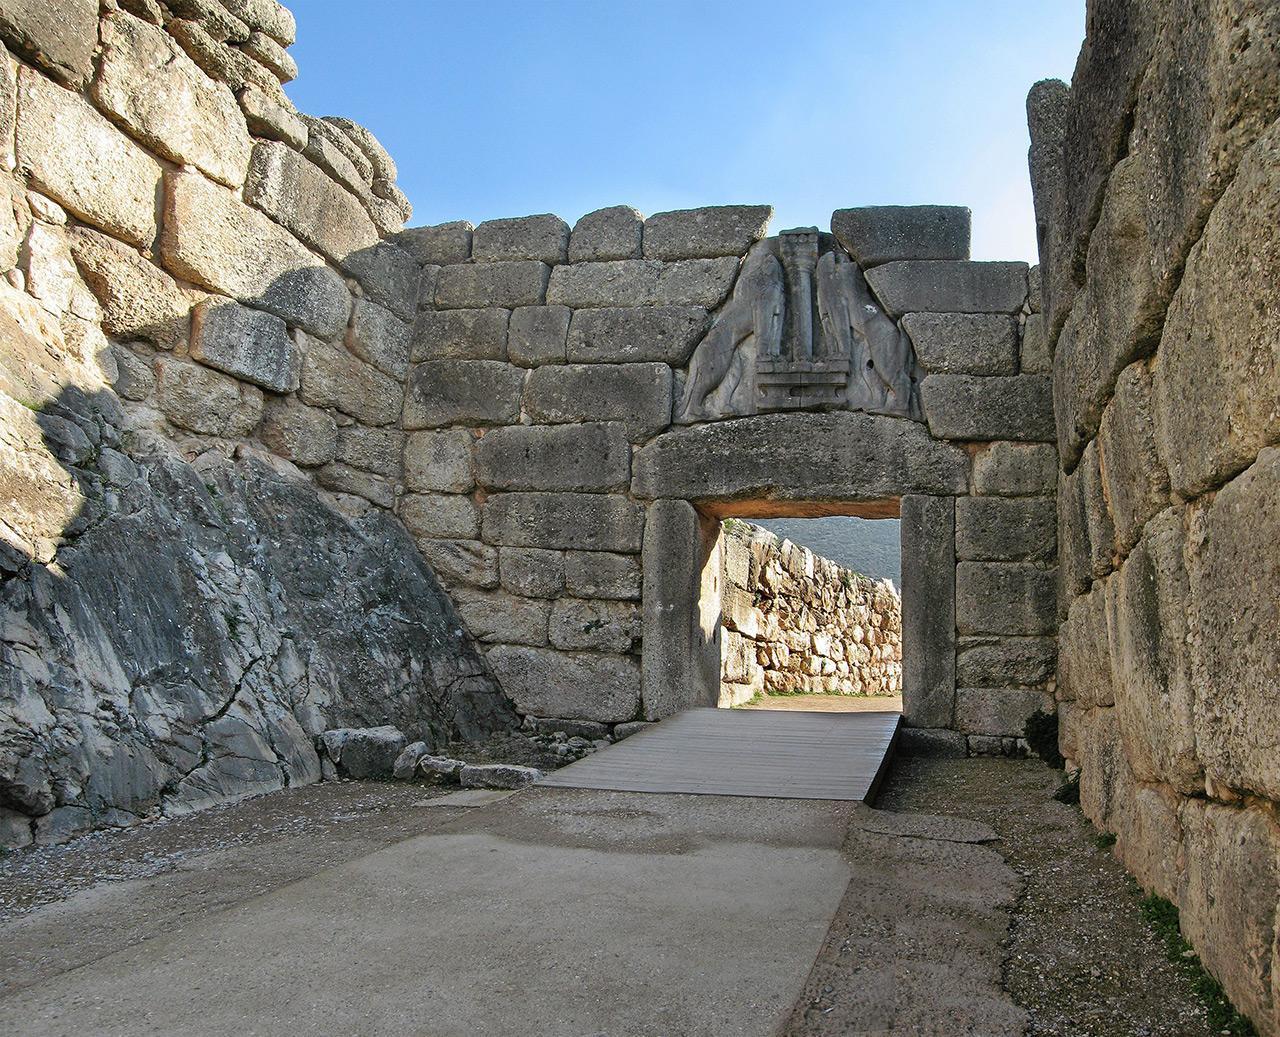 ประตูสิงห์แห่งไมซีเนตั้งอยู่ใกล้กับกลุ่มสุสานวงกลม เอ.